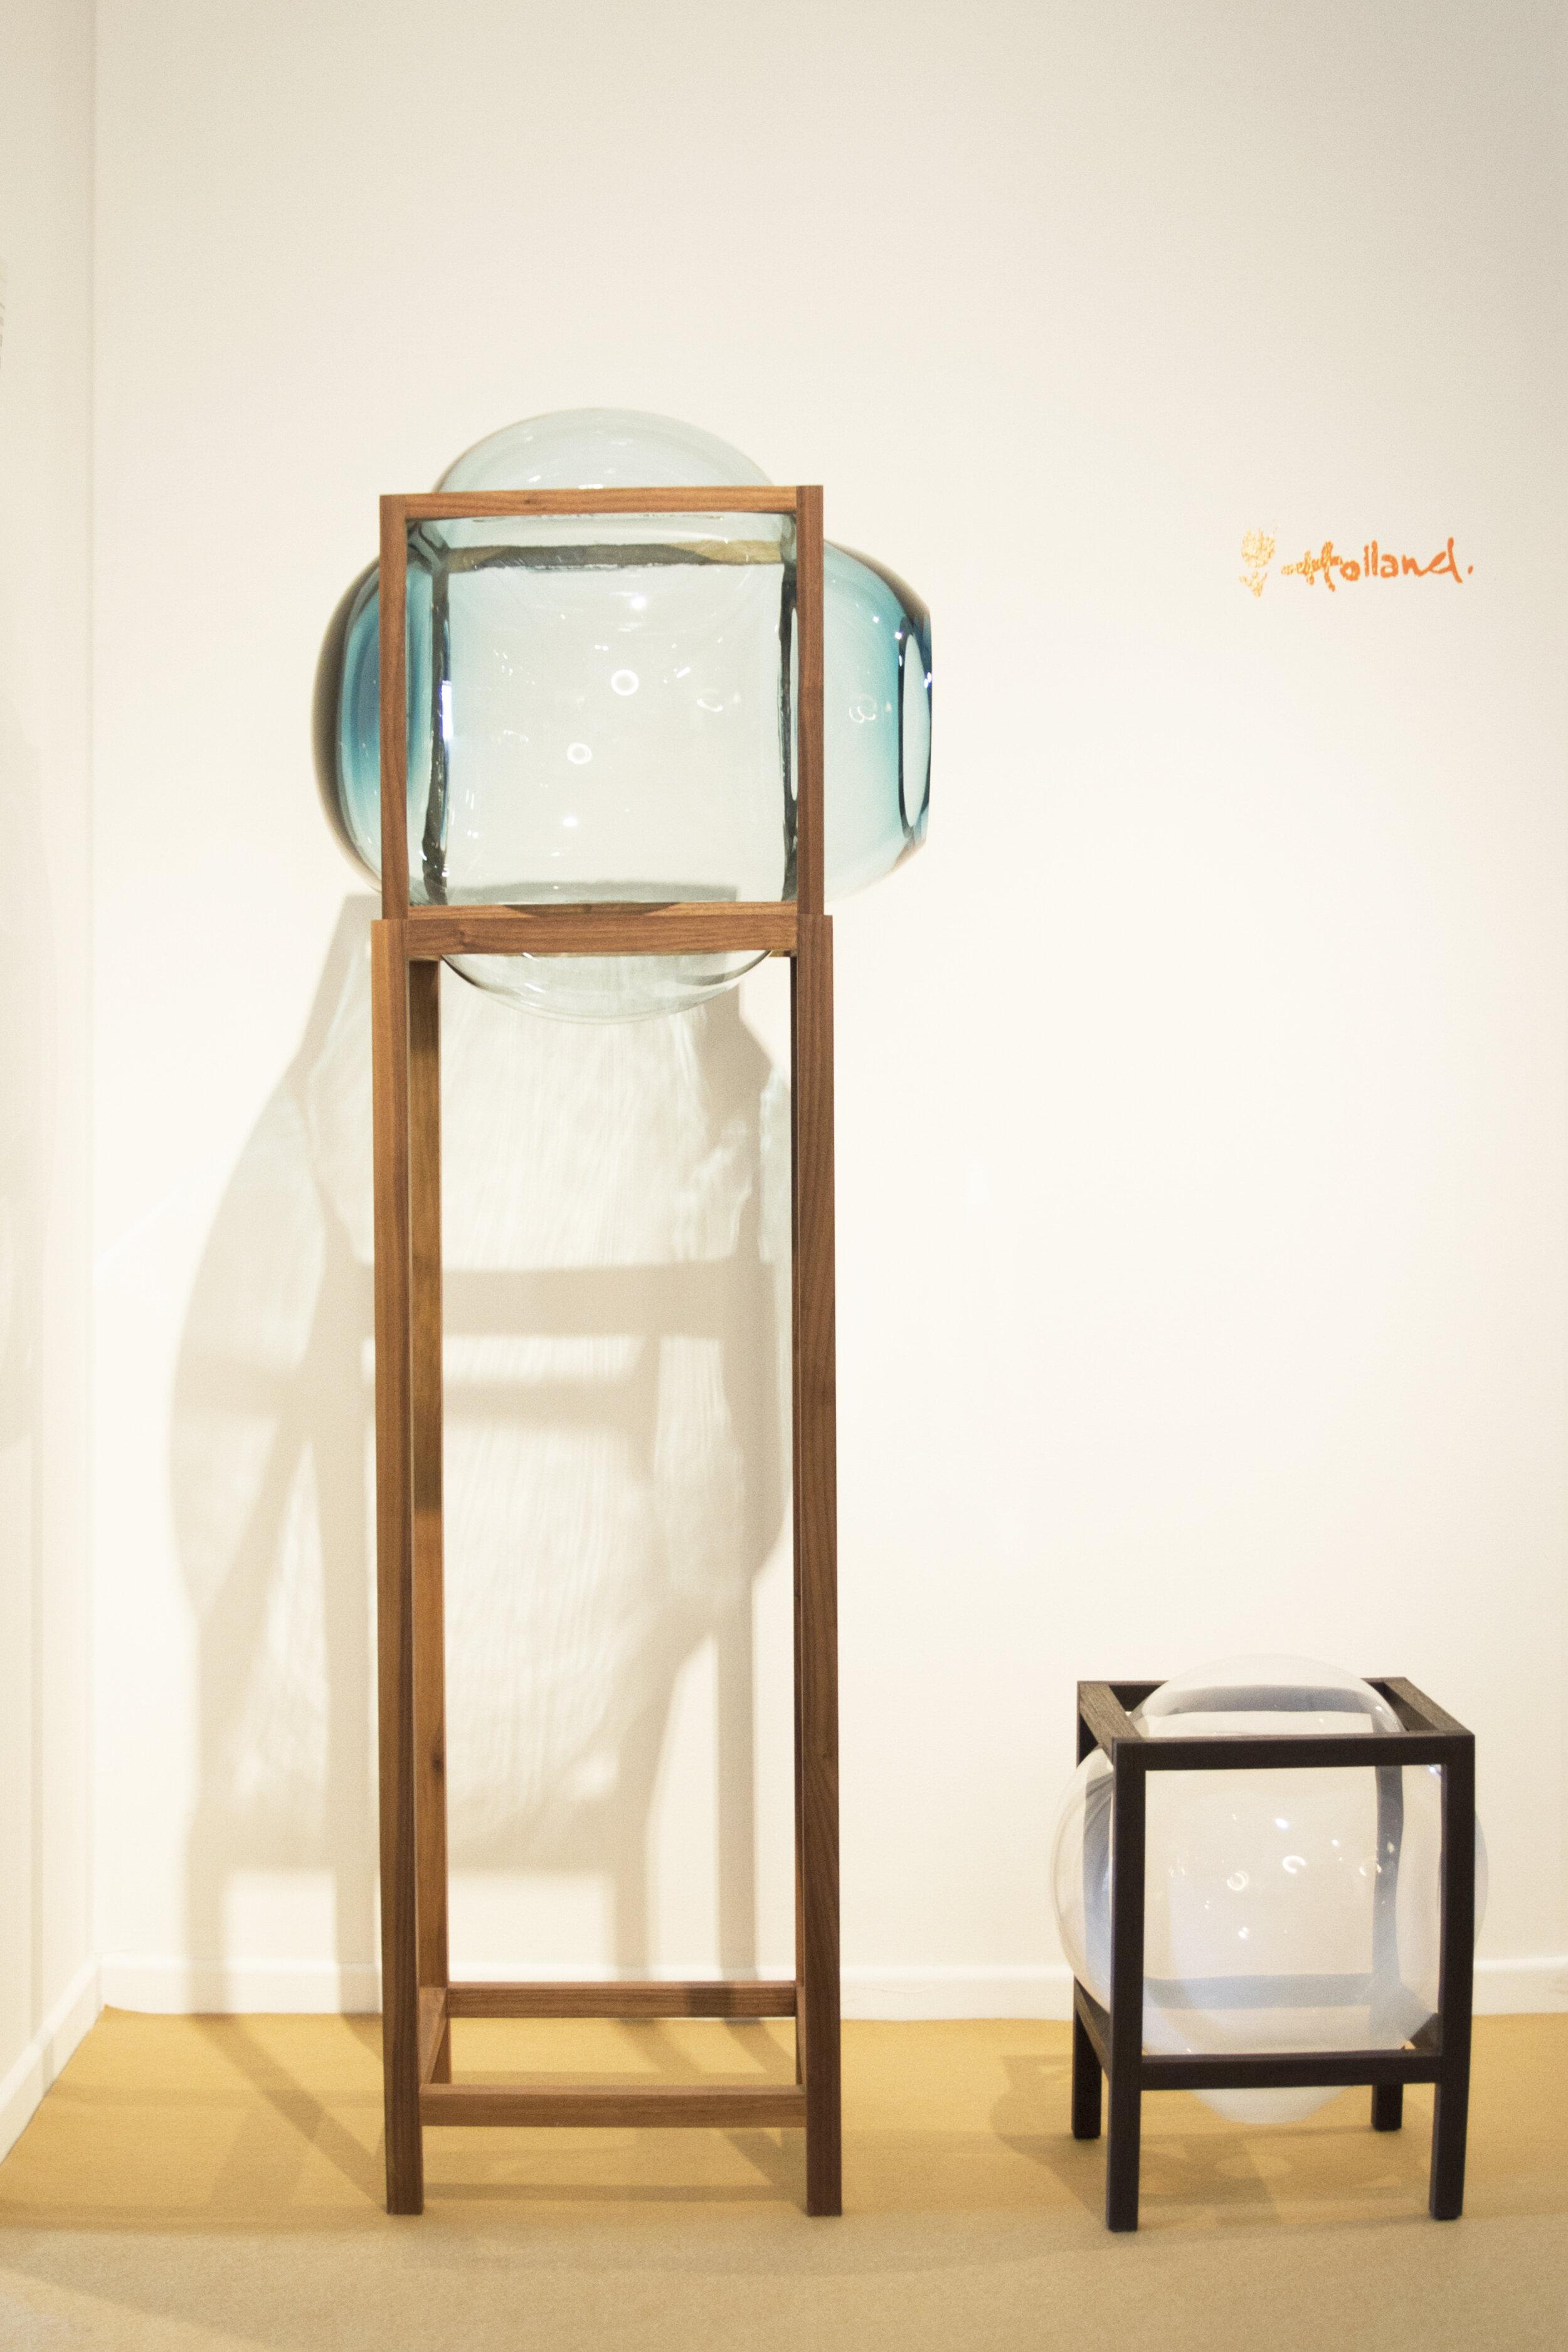 Vases by Thier en van Daalen